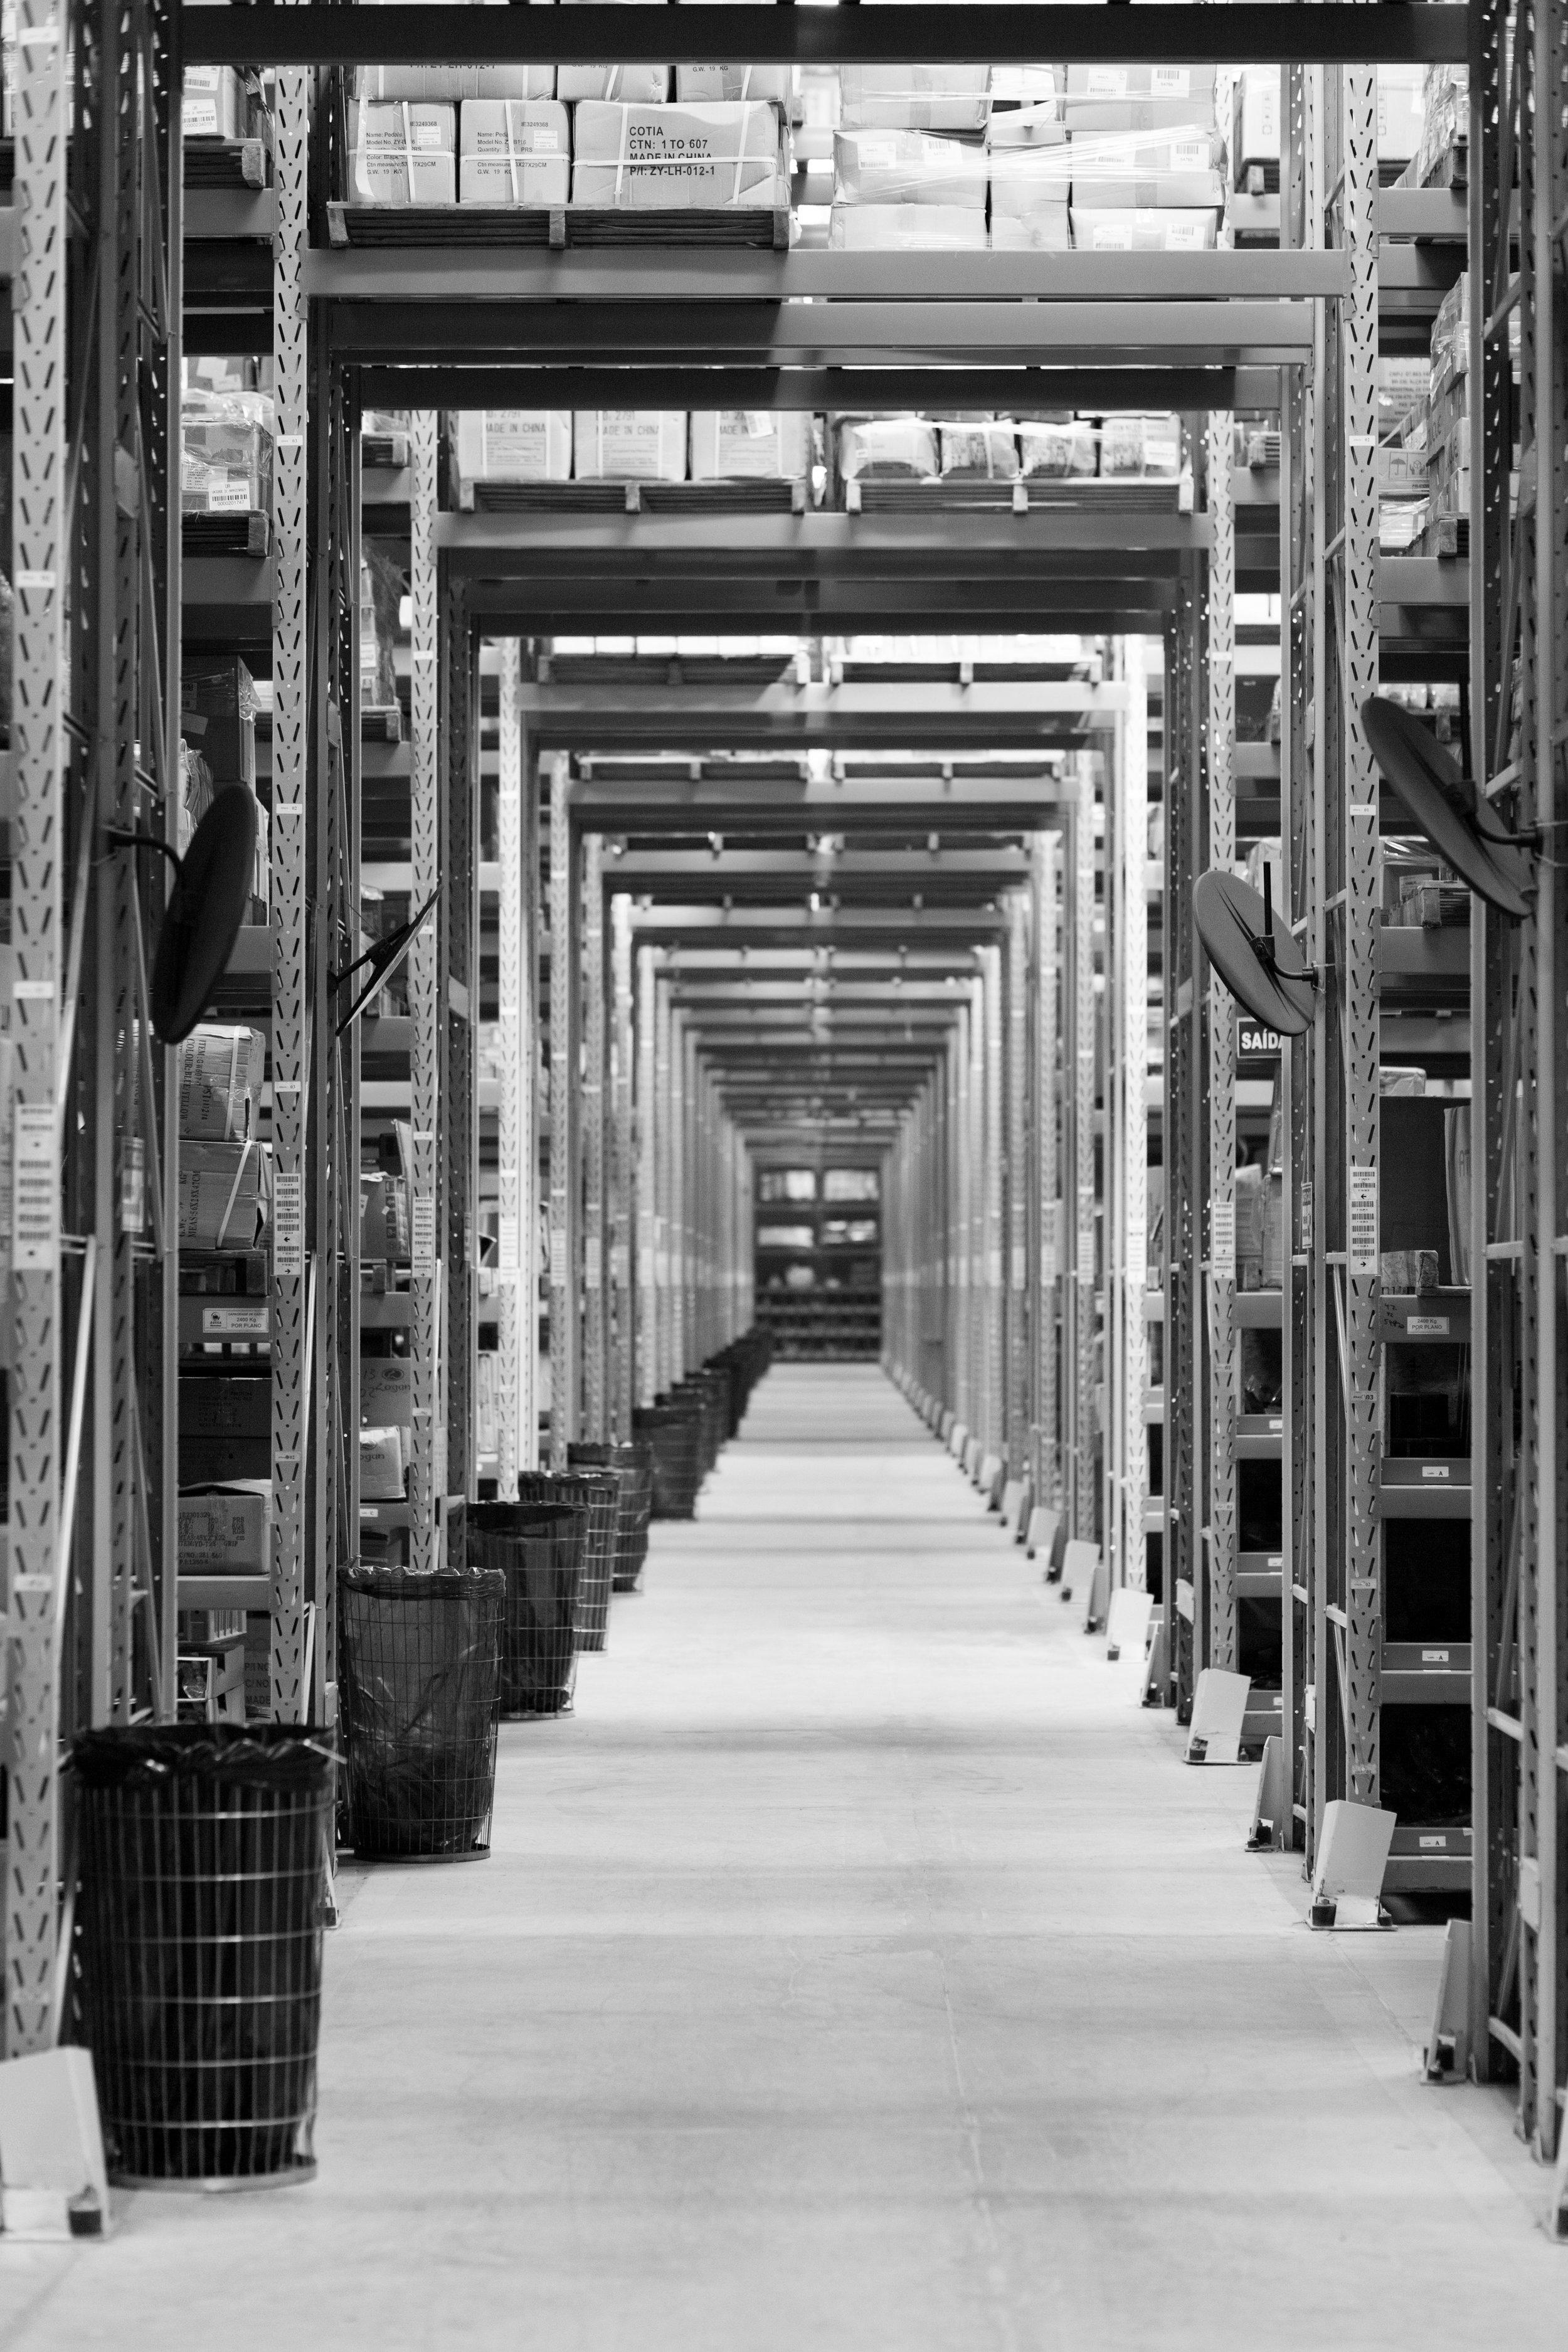 Smart Warehouse Hallway Wi-Fi HaLow